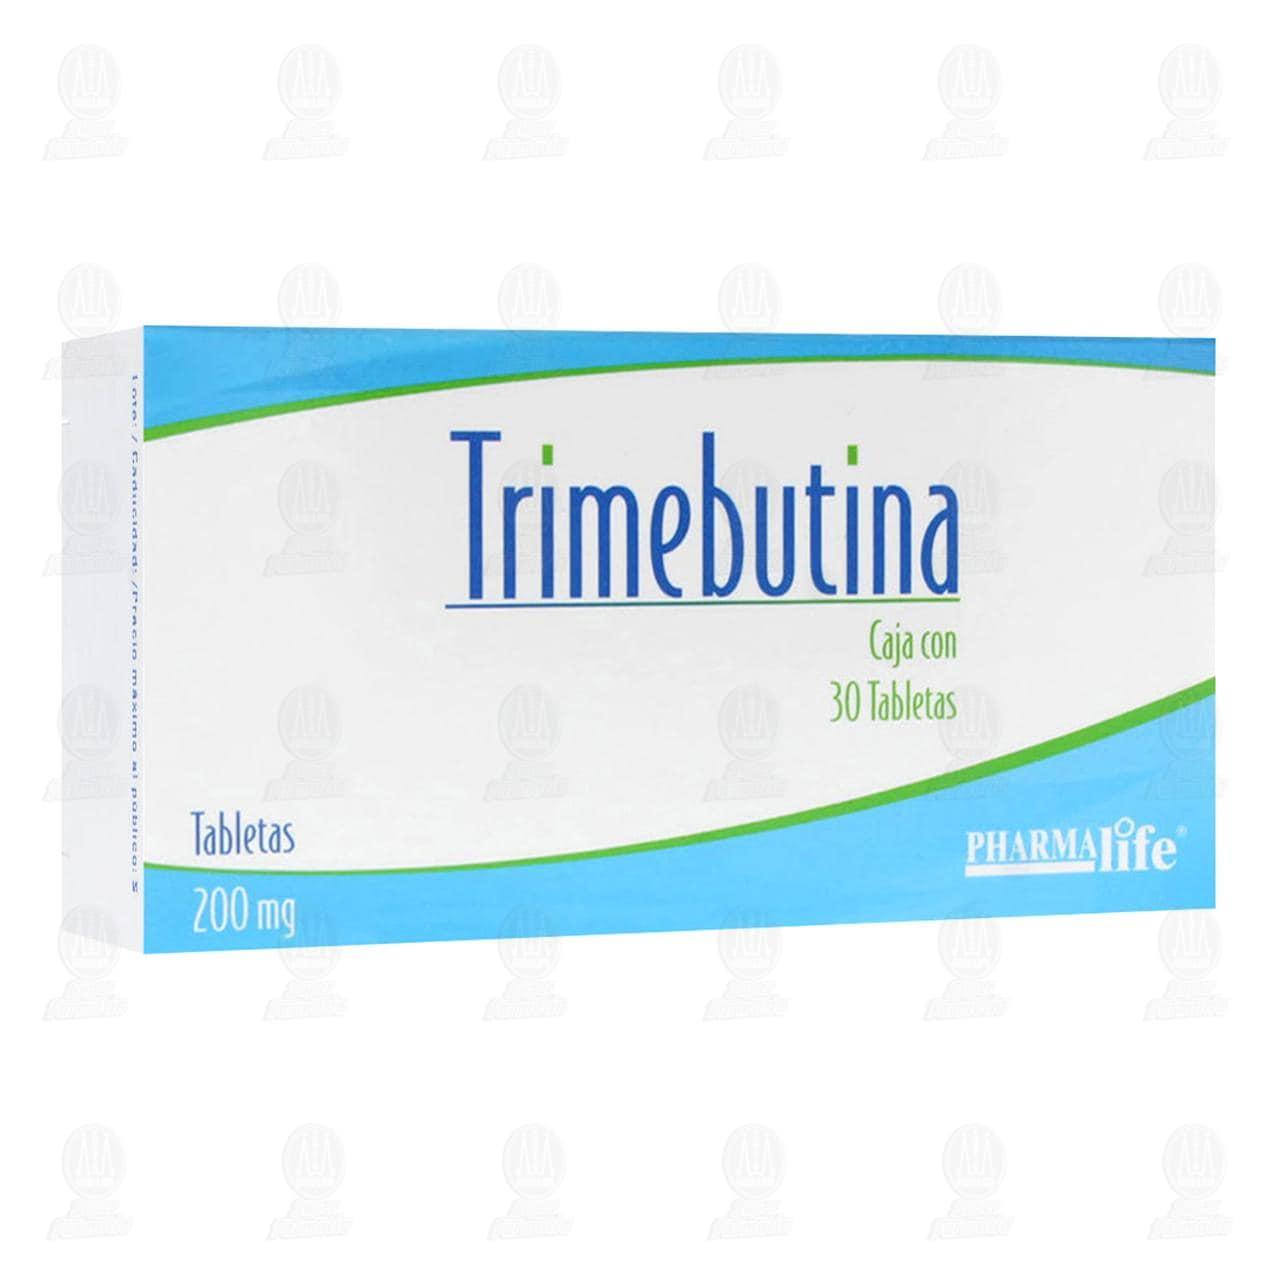 Comprar Trimebutina 200mg 30 Tabletas Pharmalife en Farmacias Guadalajara